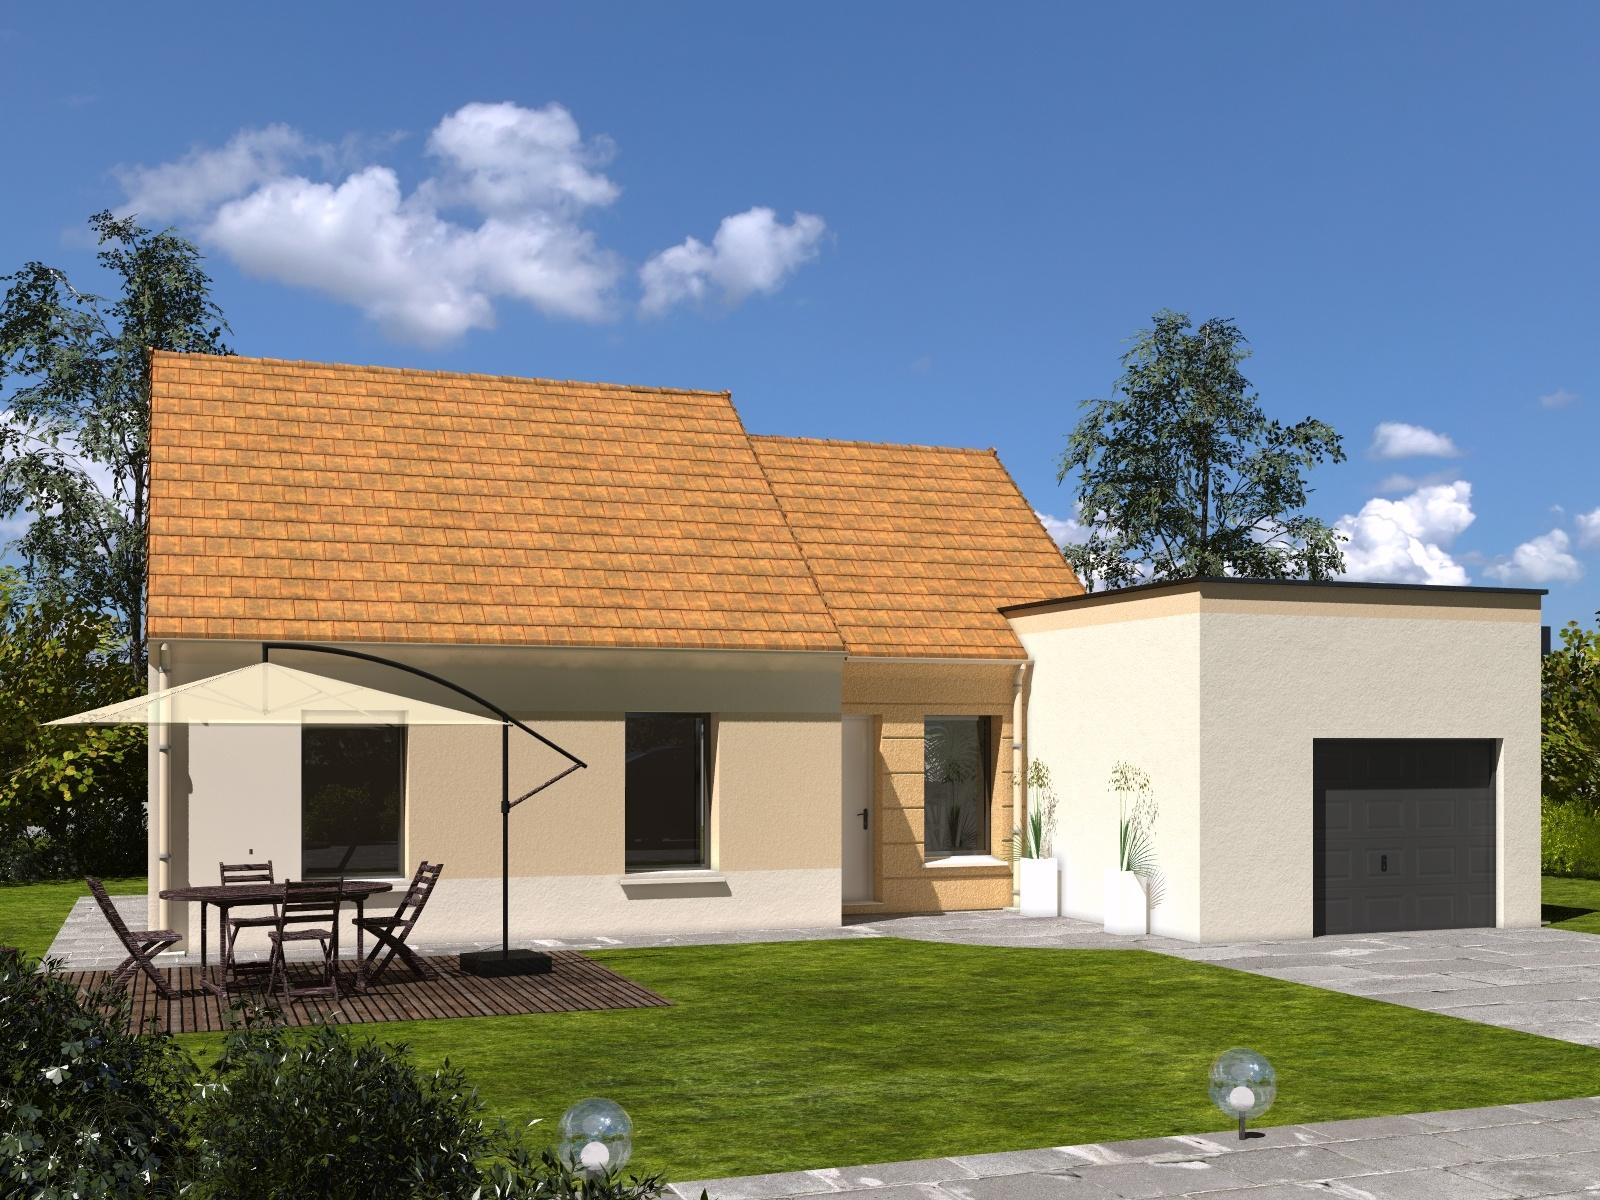 Maisons + Terrains du constructeur Les Maisons Lelievre • 87 m² • CORMES